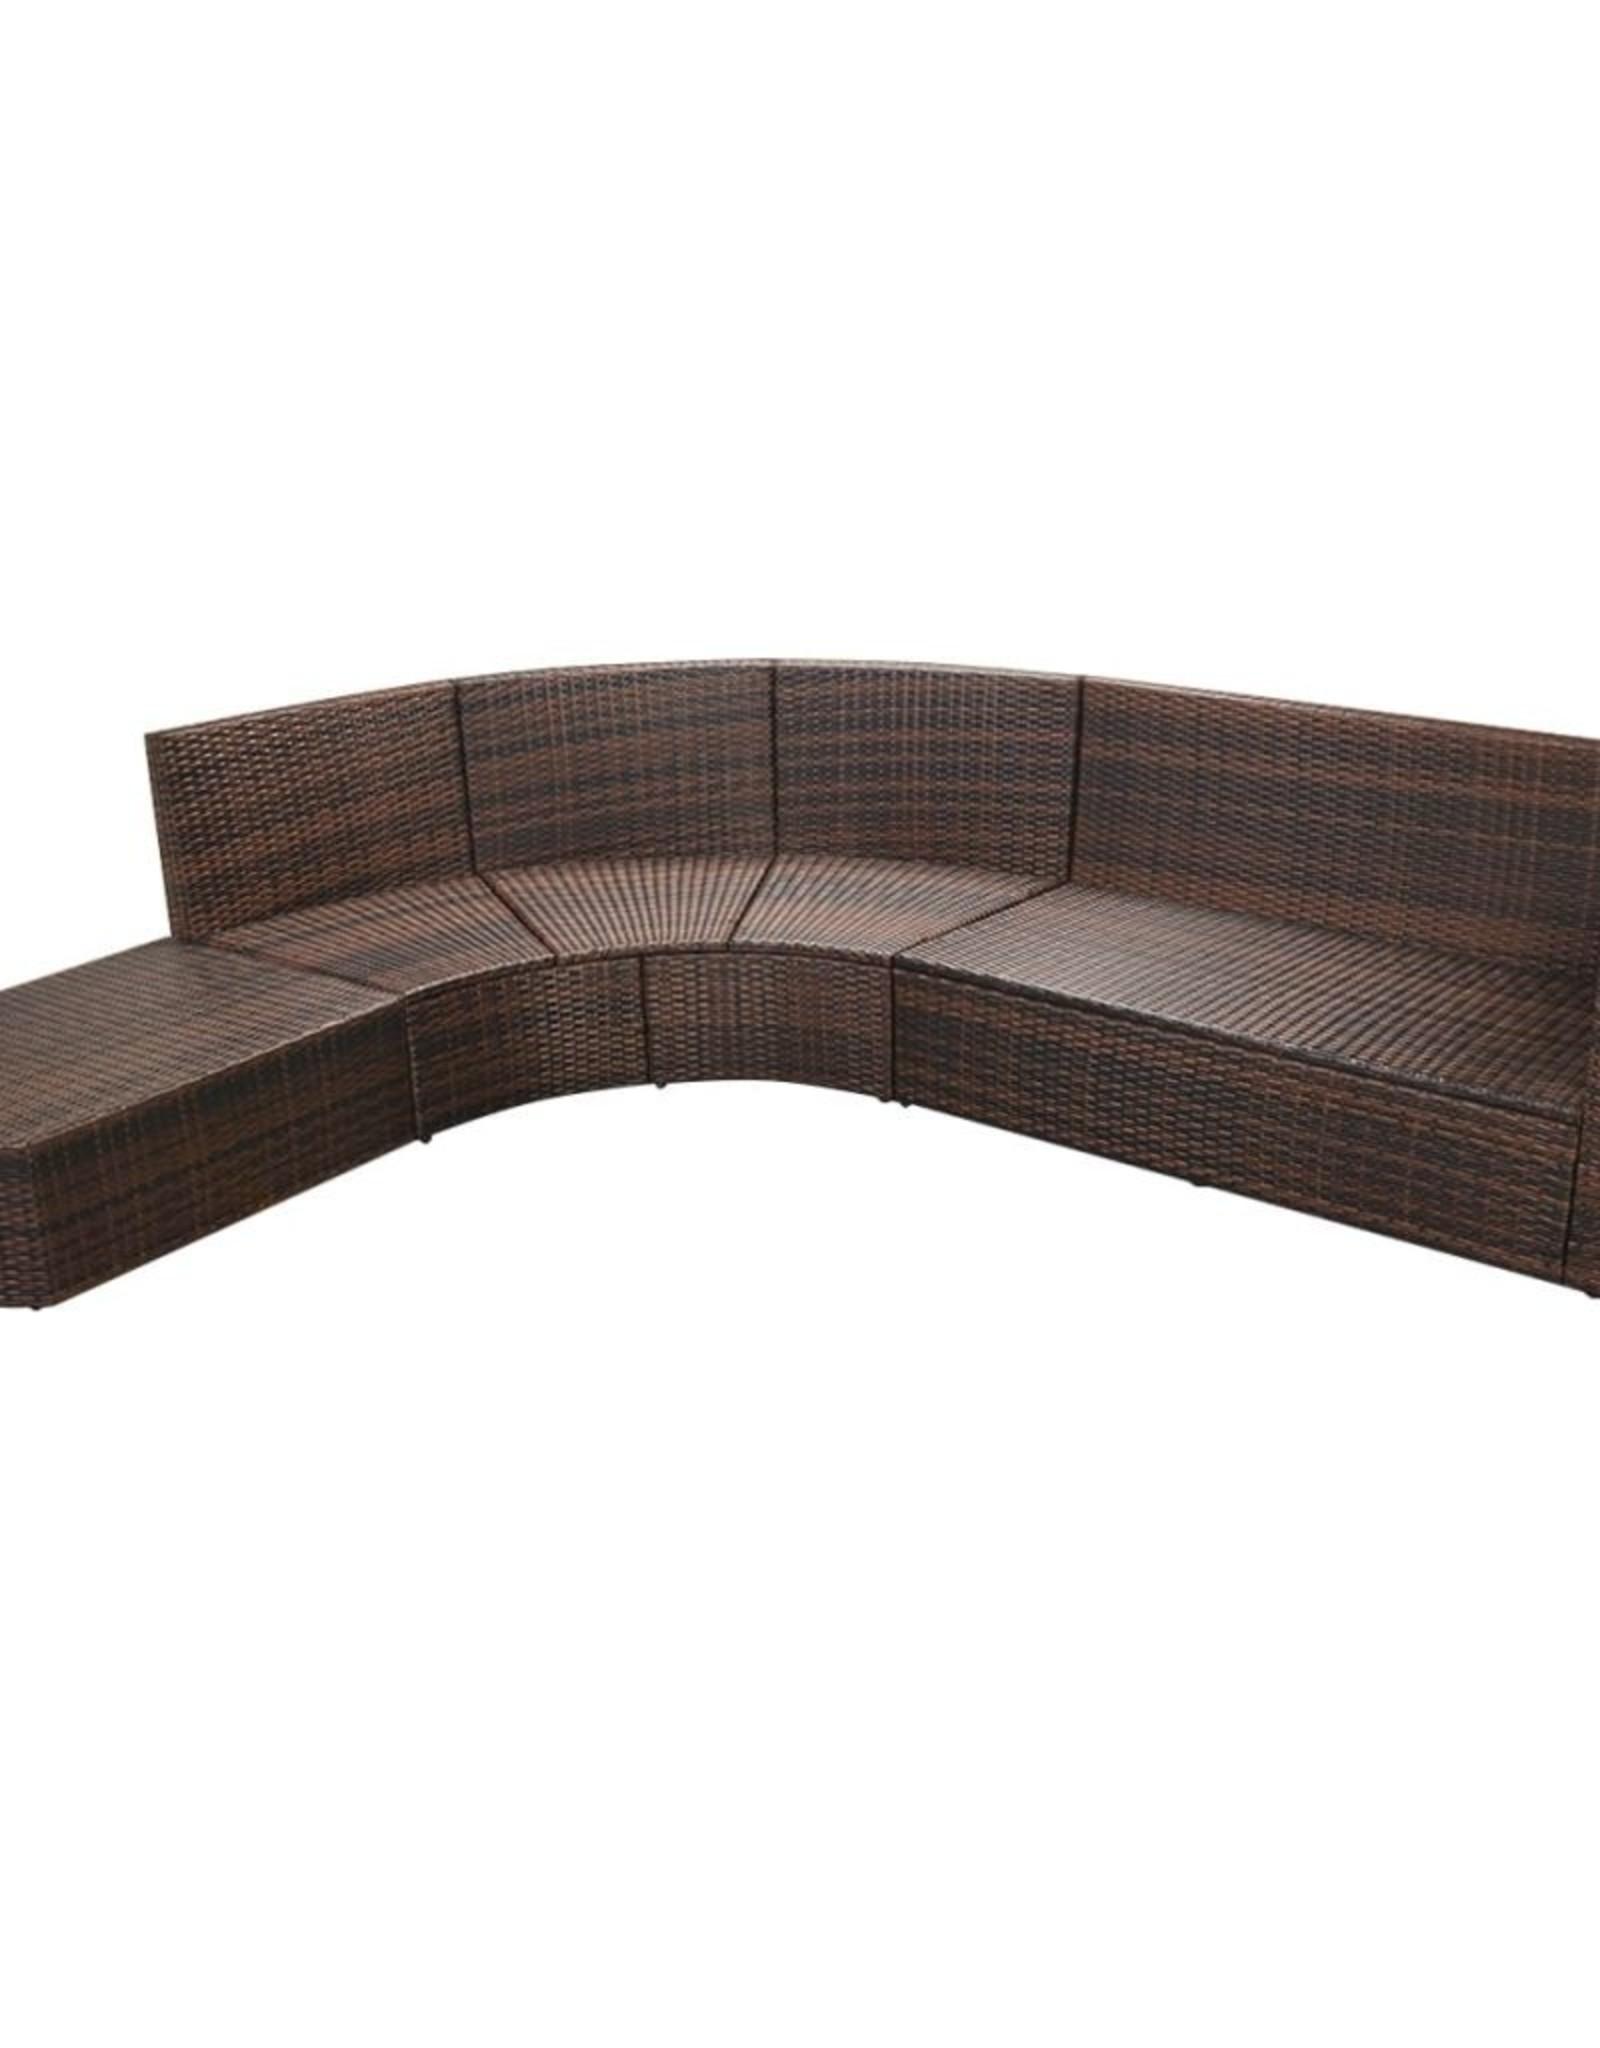 vidaXL 4-delige Loungeset met kussens poly rattan bruin